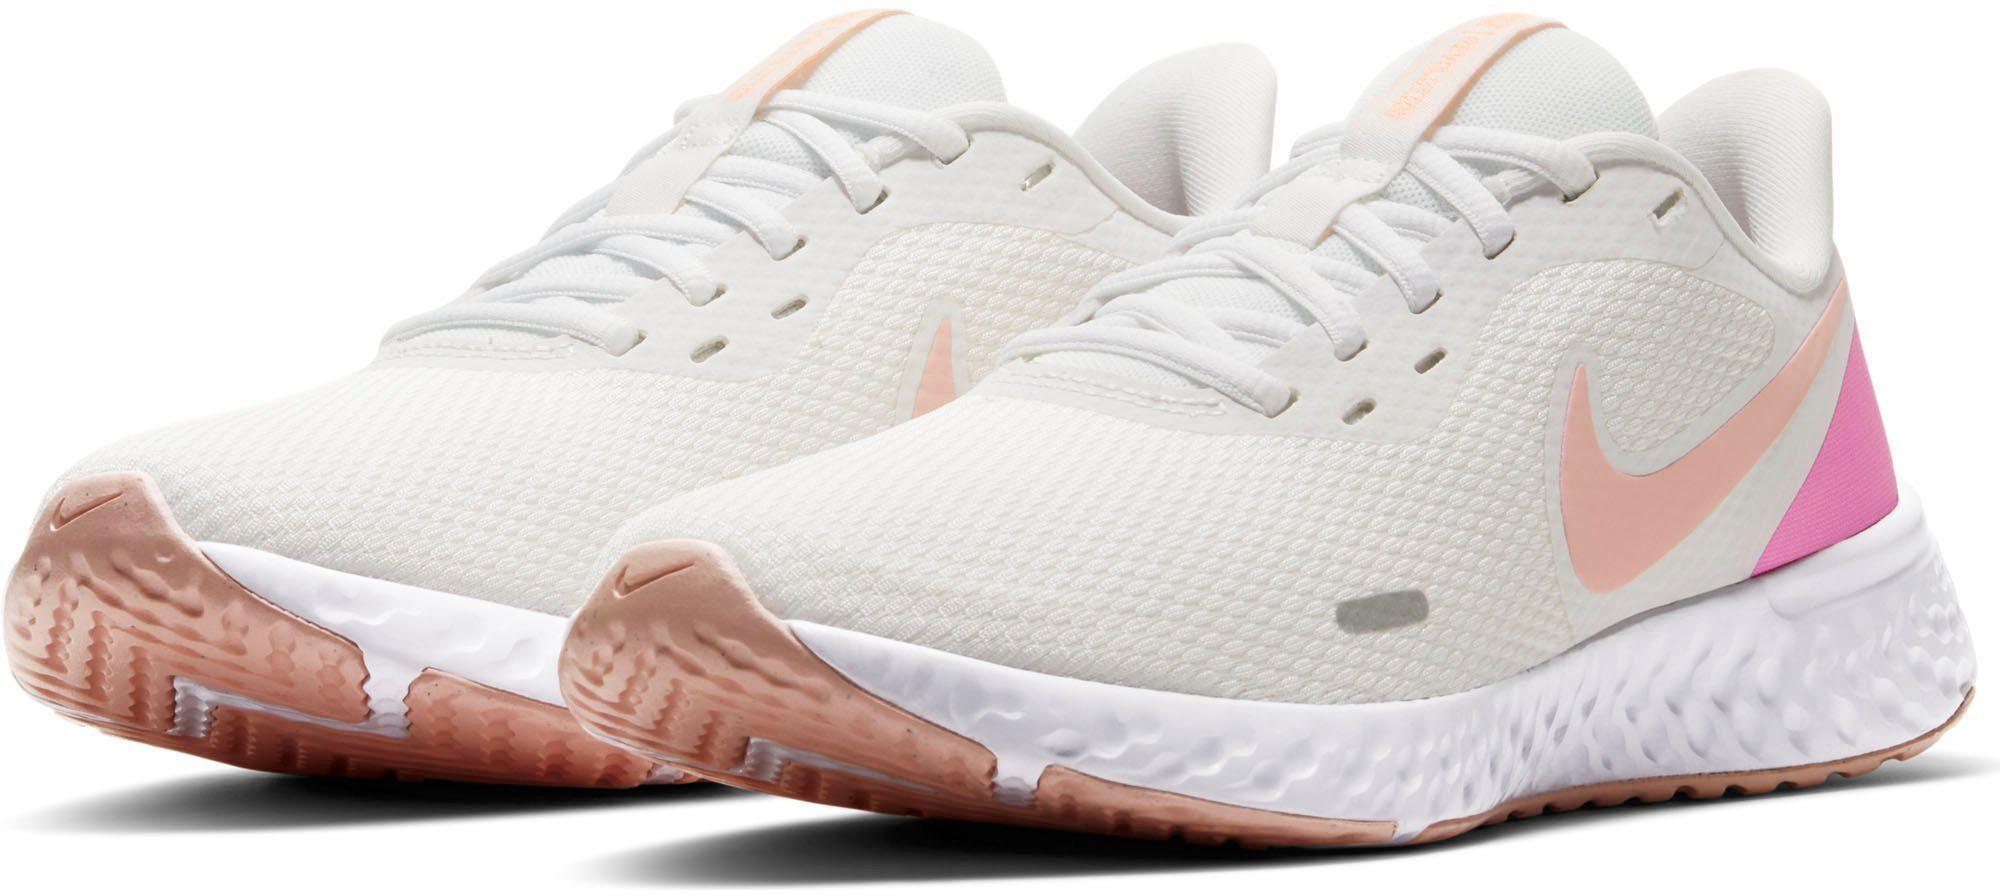 Nike »Wmns Revolution 5« Laufschuh, Leichtes Strickgewebe umhüllt Ihren Fuß mit atmungsaktivem Komfort online kaufen | OTTO